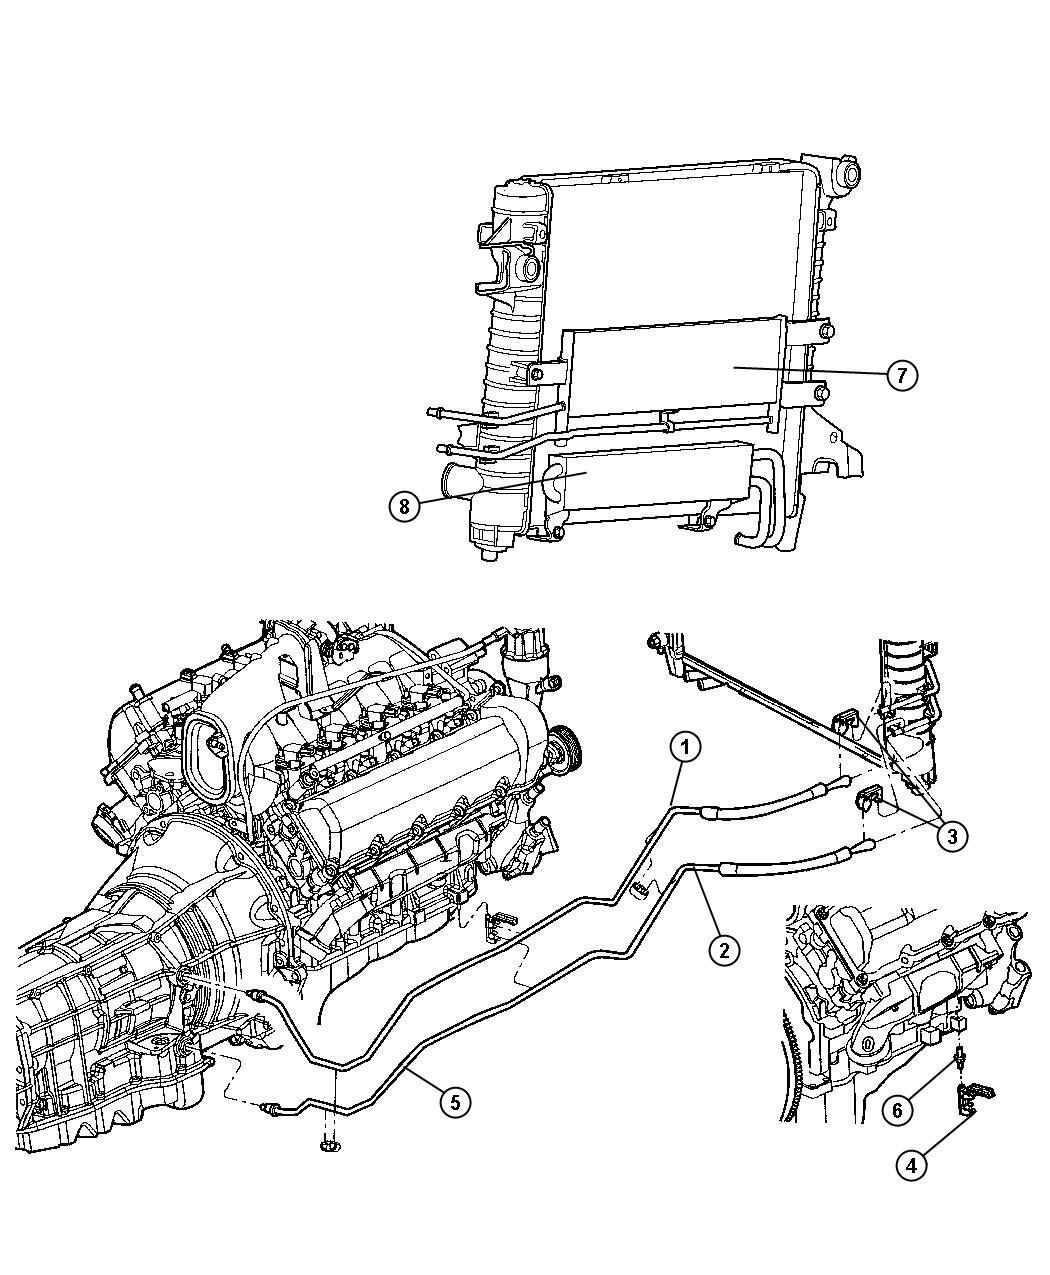 Dodge Ram 1500 4x2, 5.7L Hemi Multi Displacement, 5-Spd